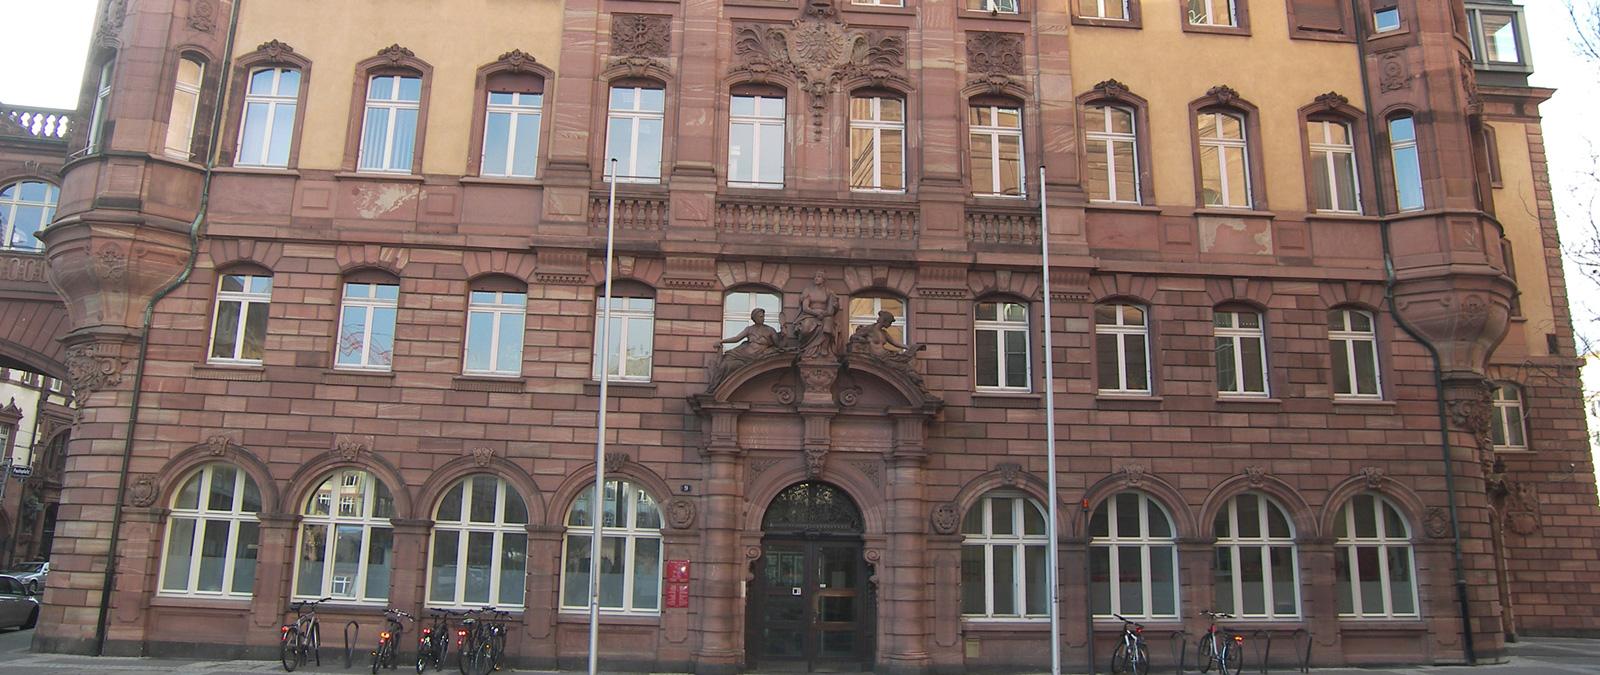 Fenster Koch modernisierung mit tradition schreinerei koch fertigt mit homag